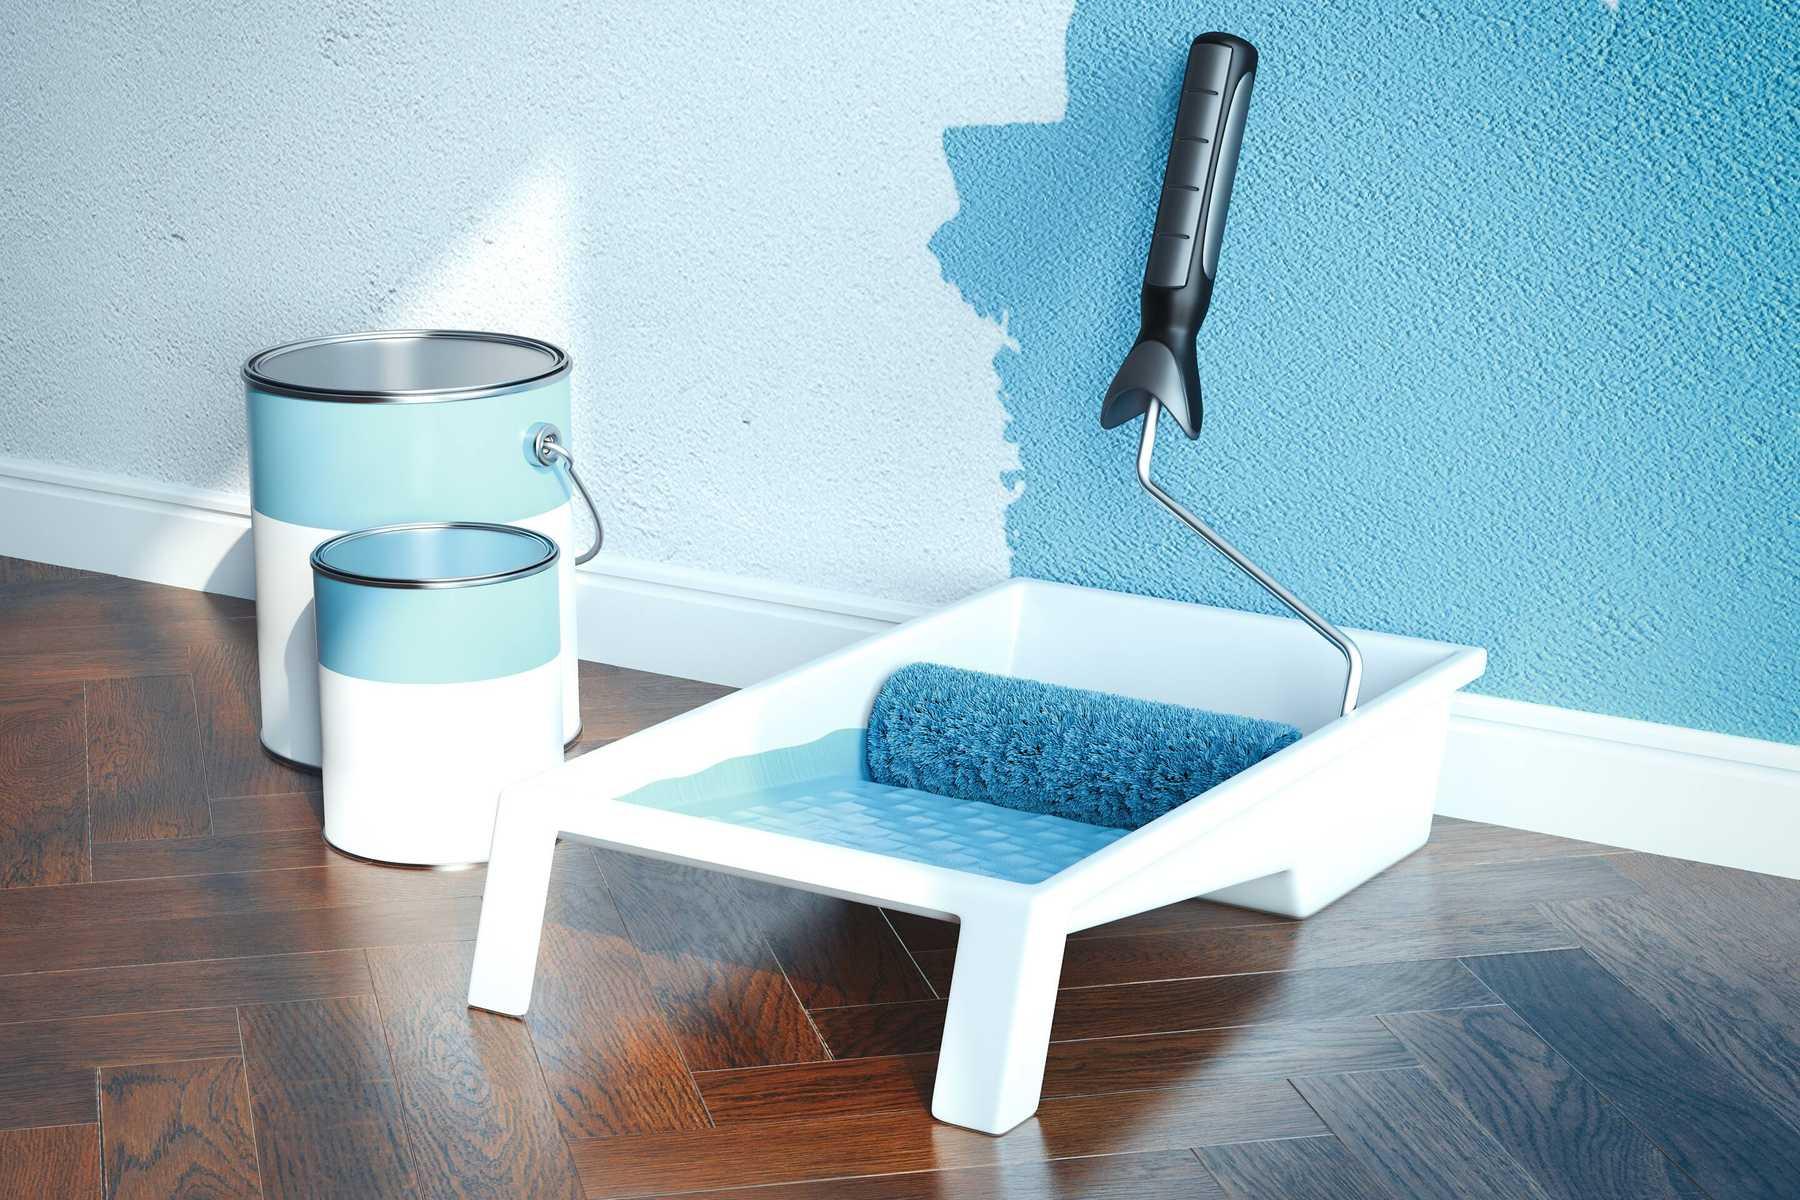 Dịch vụ sơn nhà sử dụng cách lăn sơn chuyên nghiệp